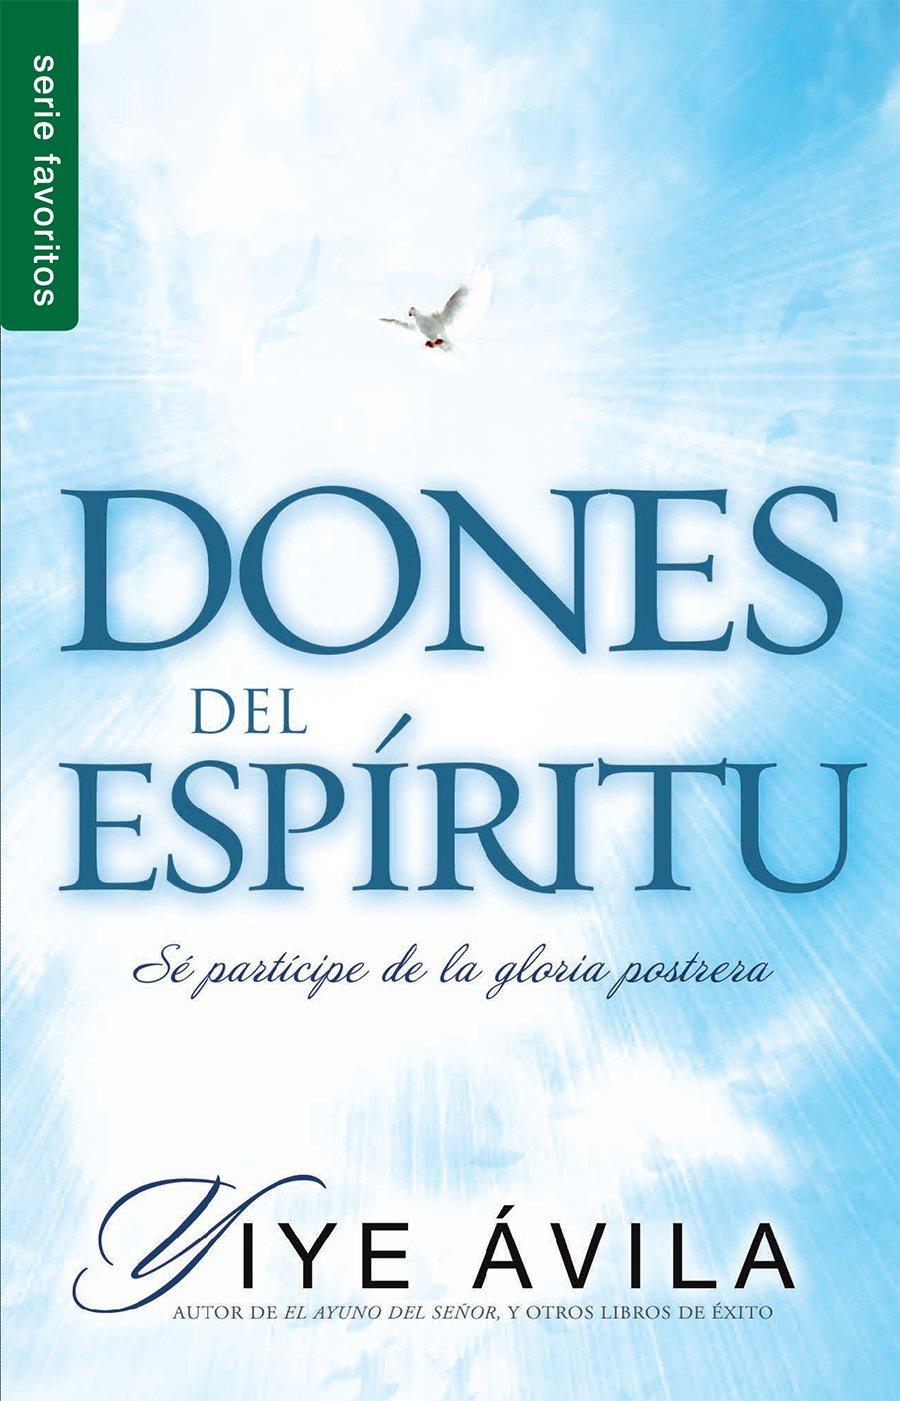 Dones del esp ritu favoritos spanish edition yiye vila 9780789922663 amazon com books